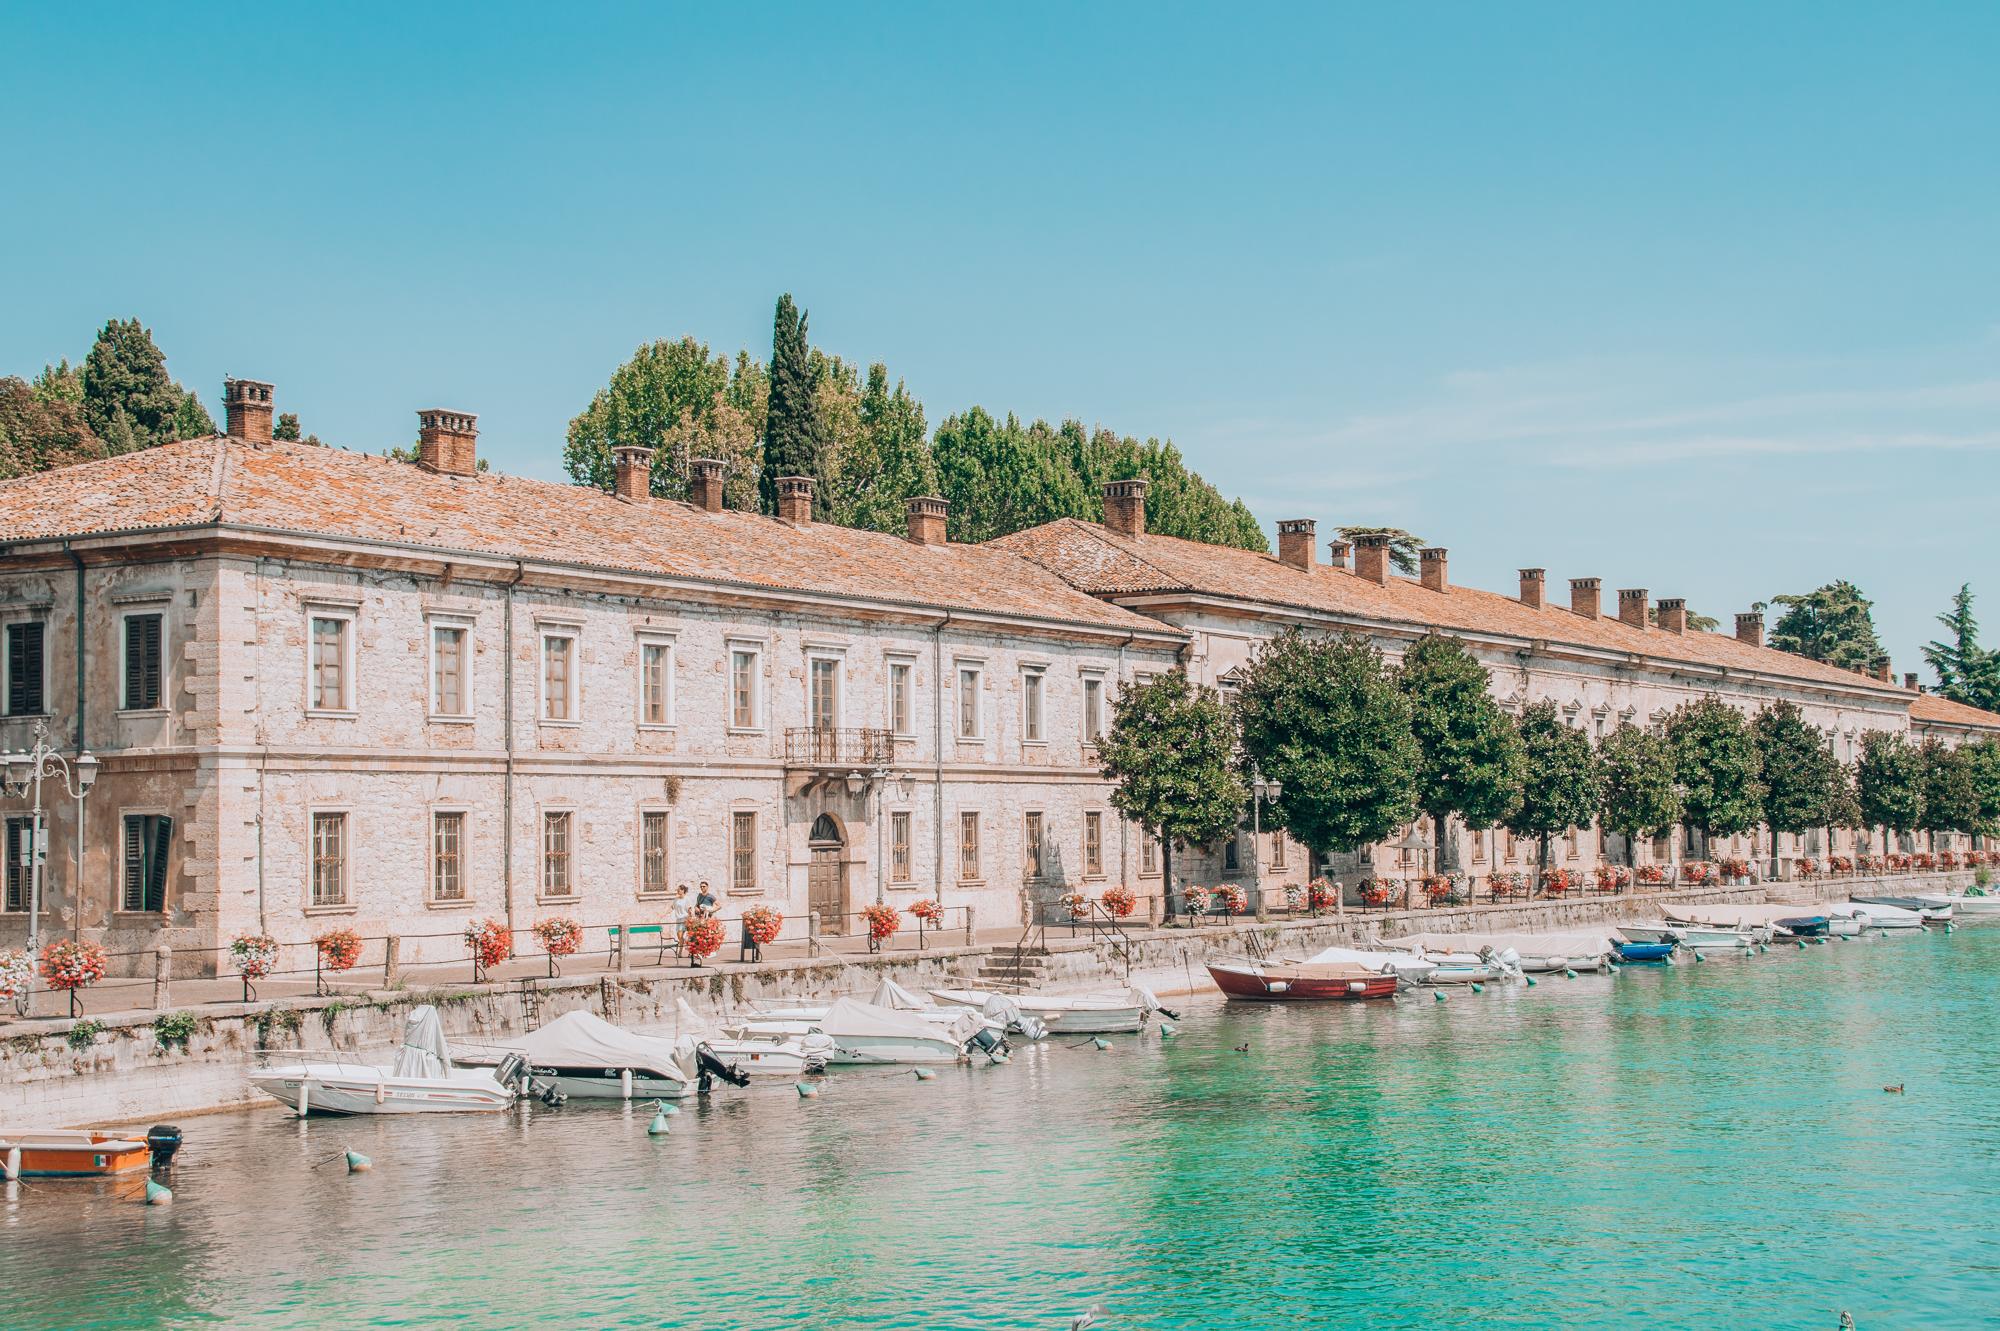 lake garda primetime chaos summer outfit travel tips italy italien italia lago di garda gardasee peschiera del garda